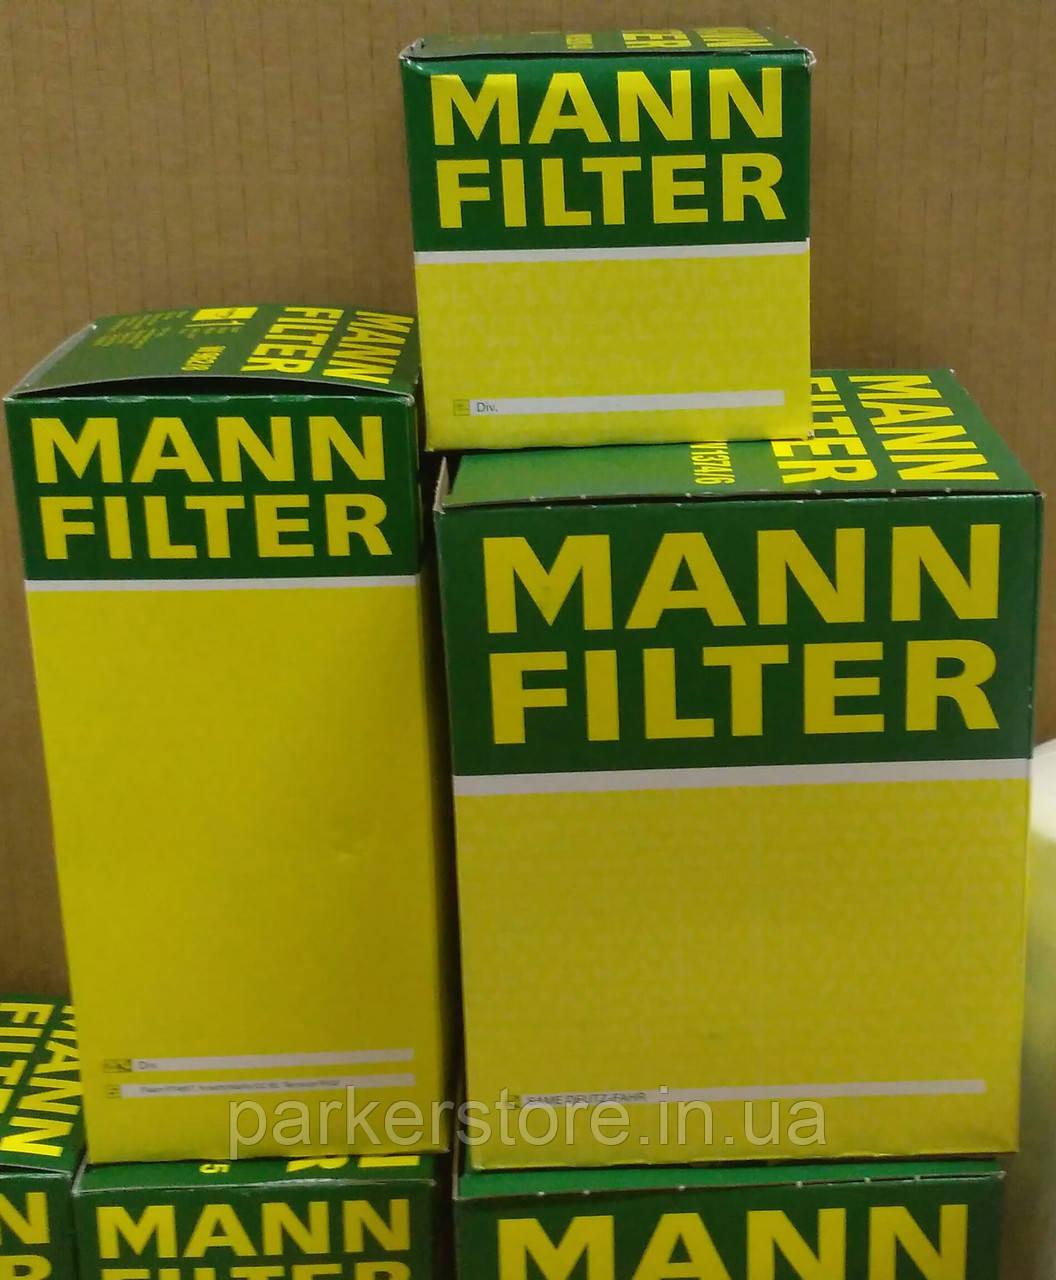 MANN FILTER / Воздушный фильтр / C 30 130 / C30130